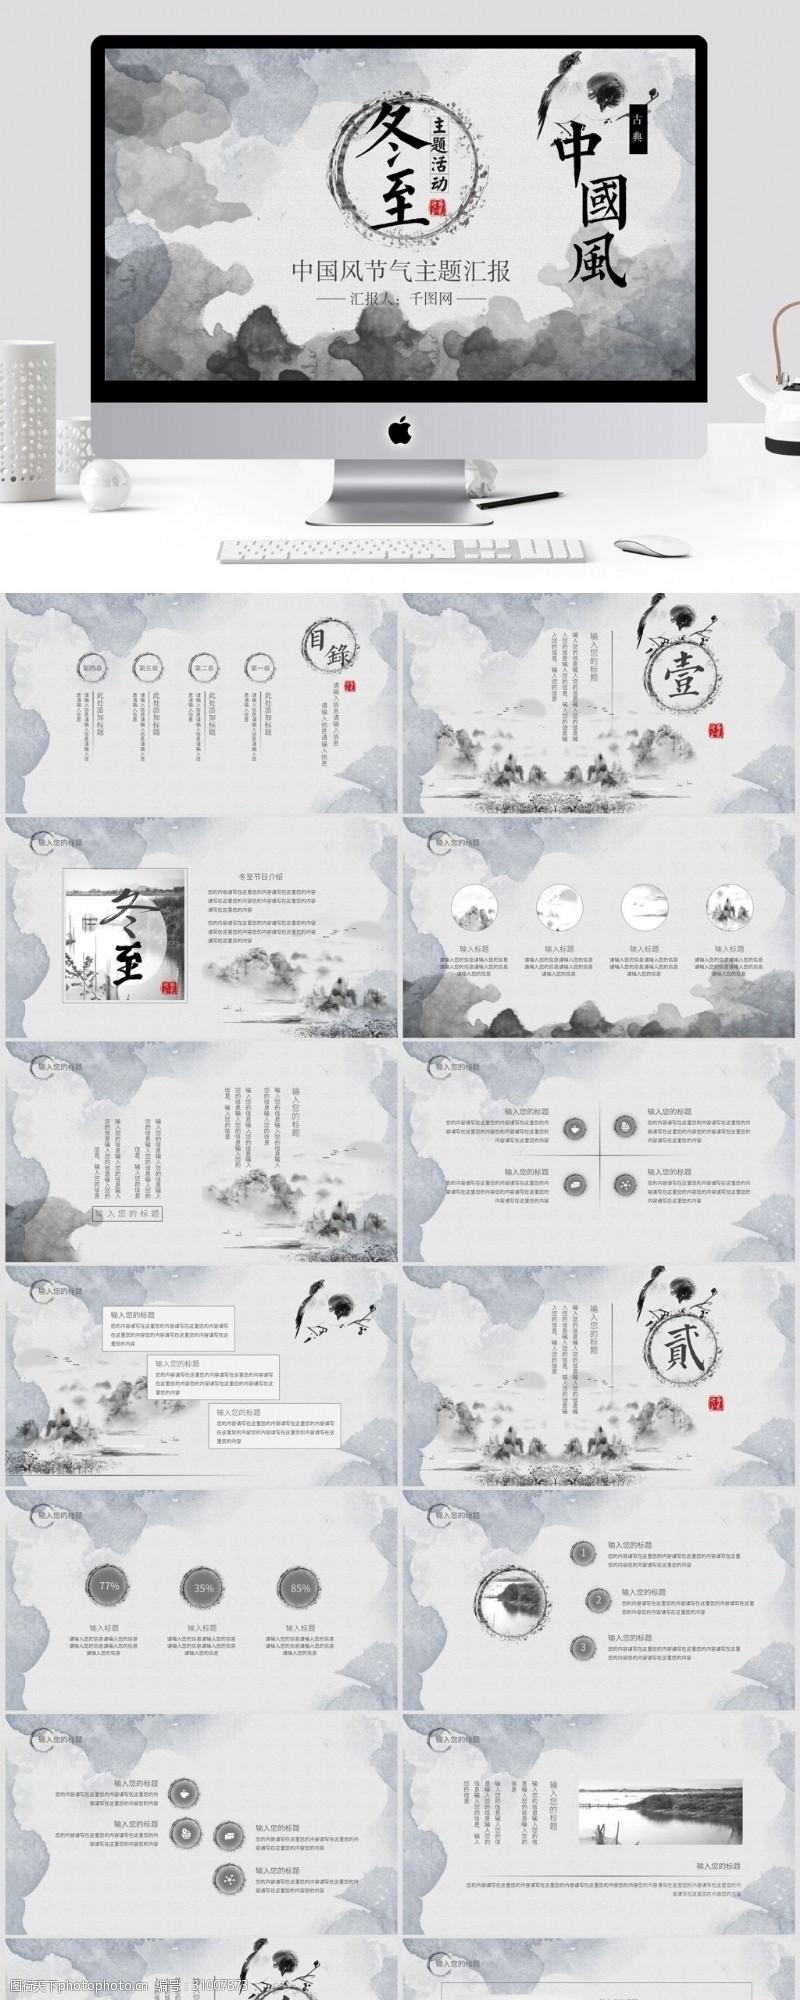 灰色ppt模板灰色中国水墨风冬至主题活动策划ppt模板